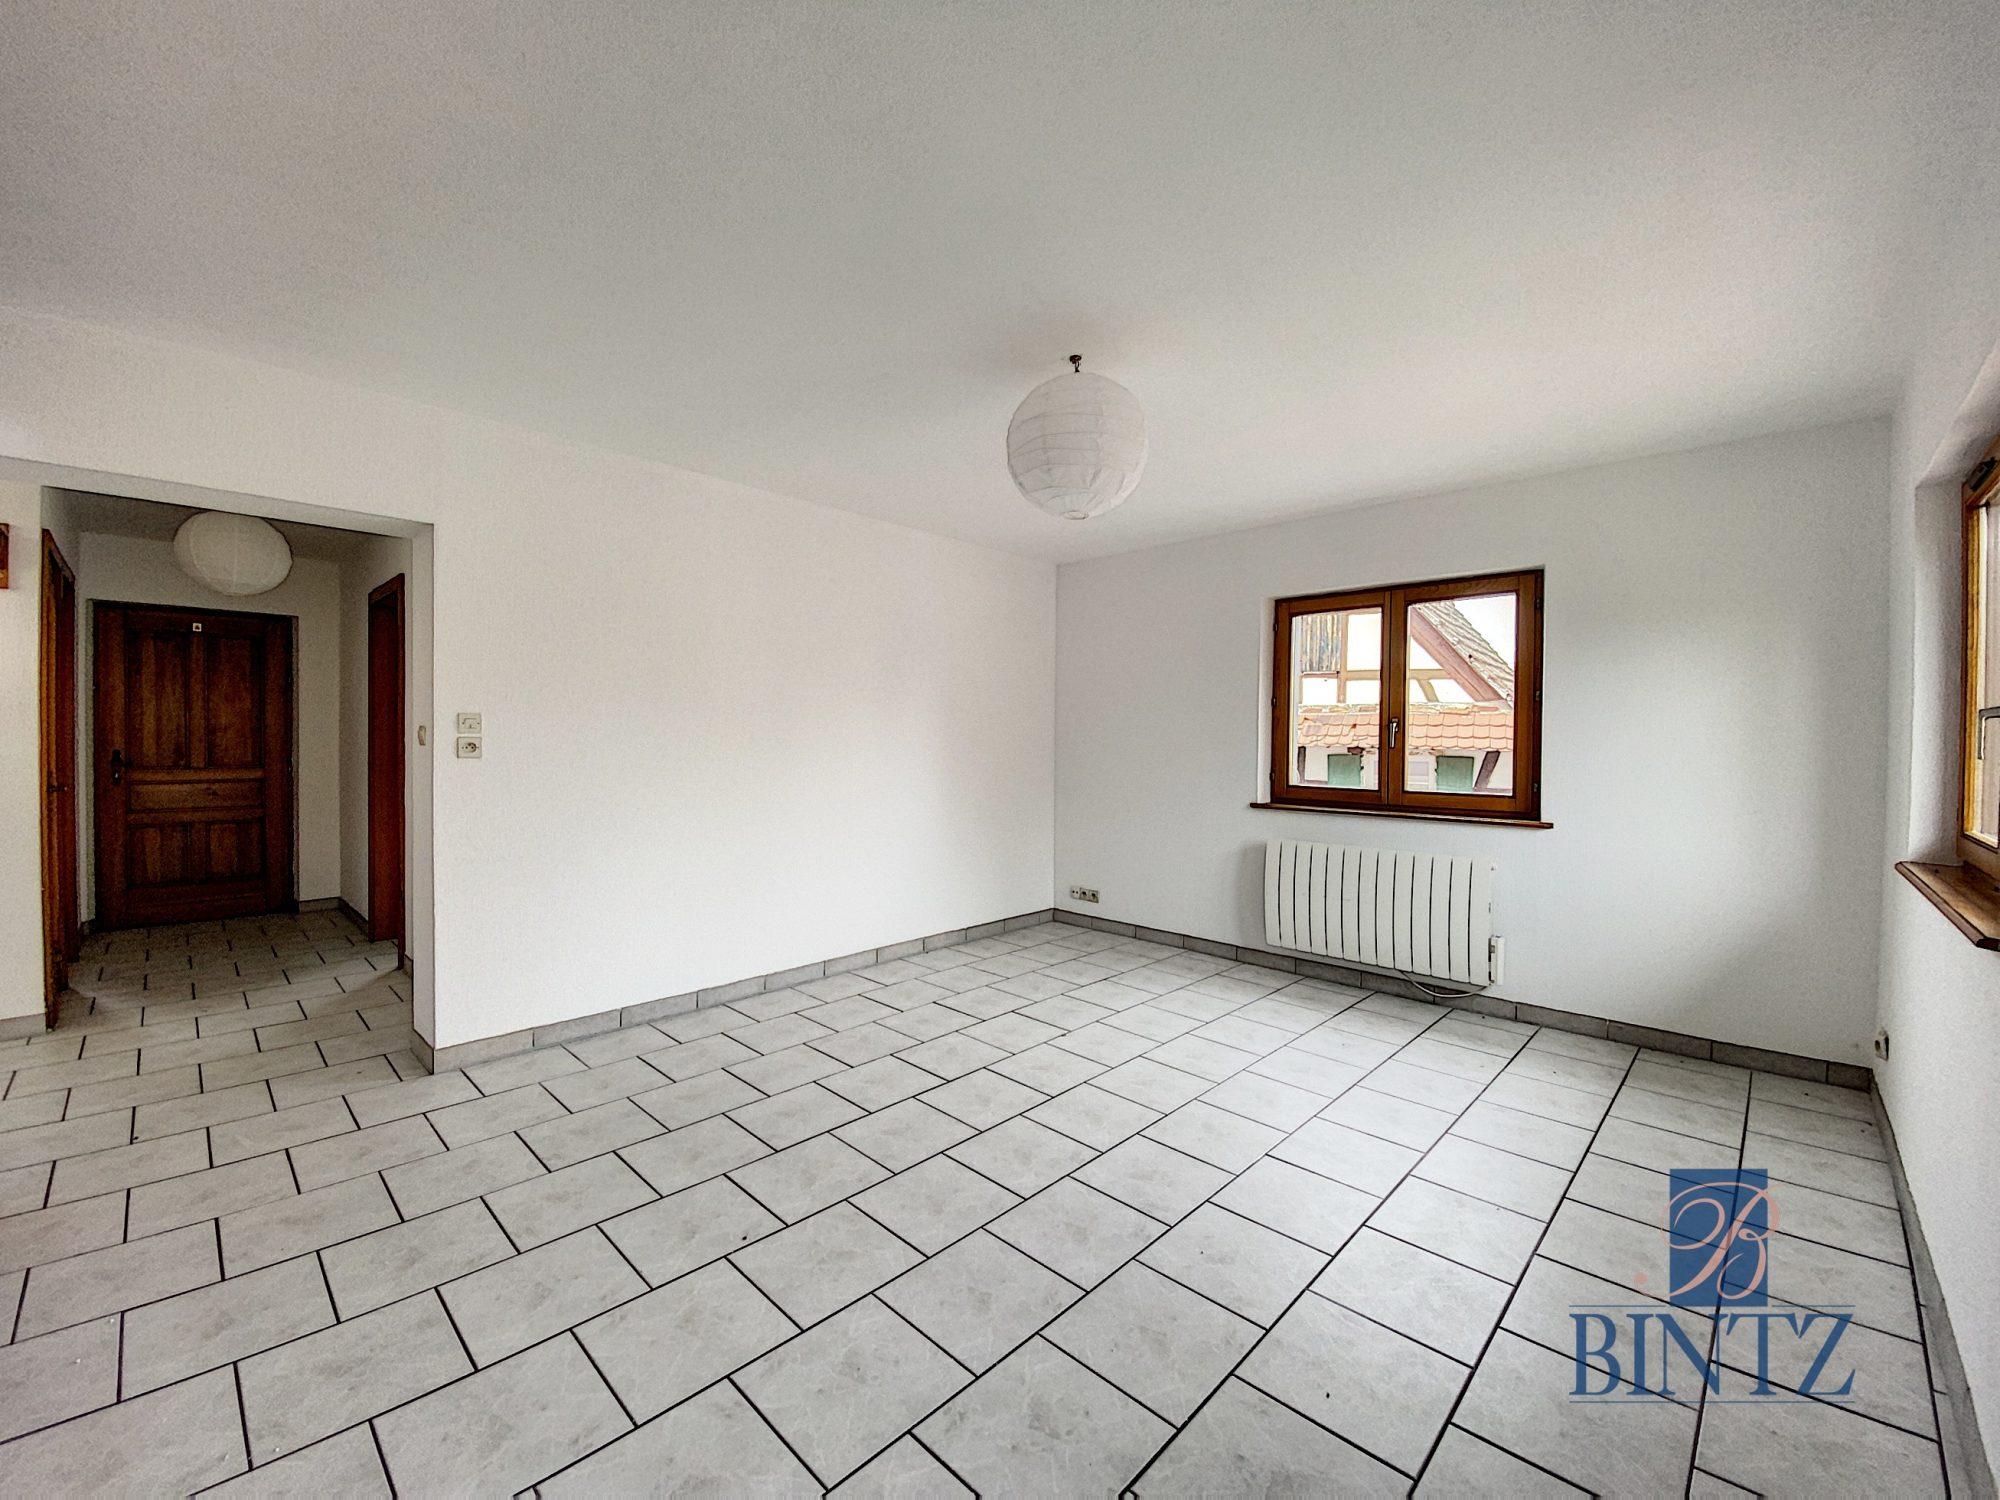 Charmant T3 Duplex avec belle terrasse - Devenez propriétaire en toute confiance - Bintz Immobilier - 5